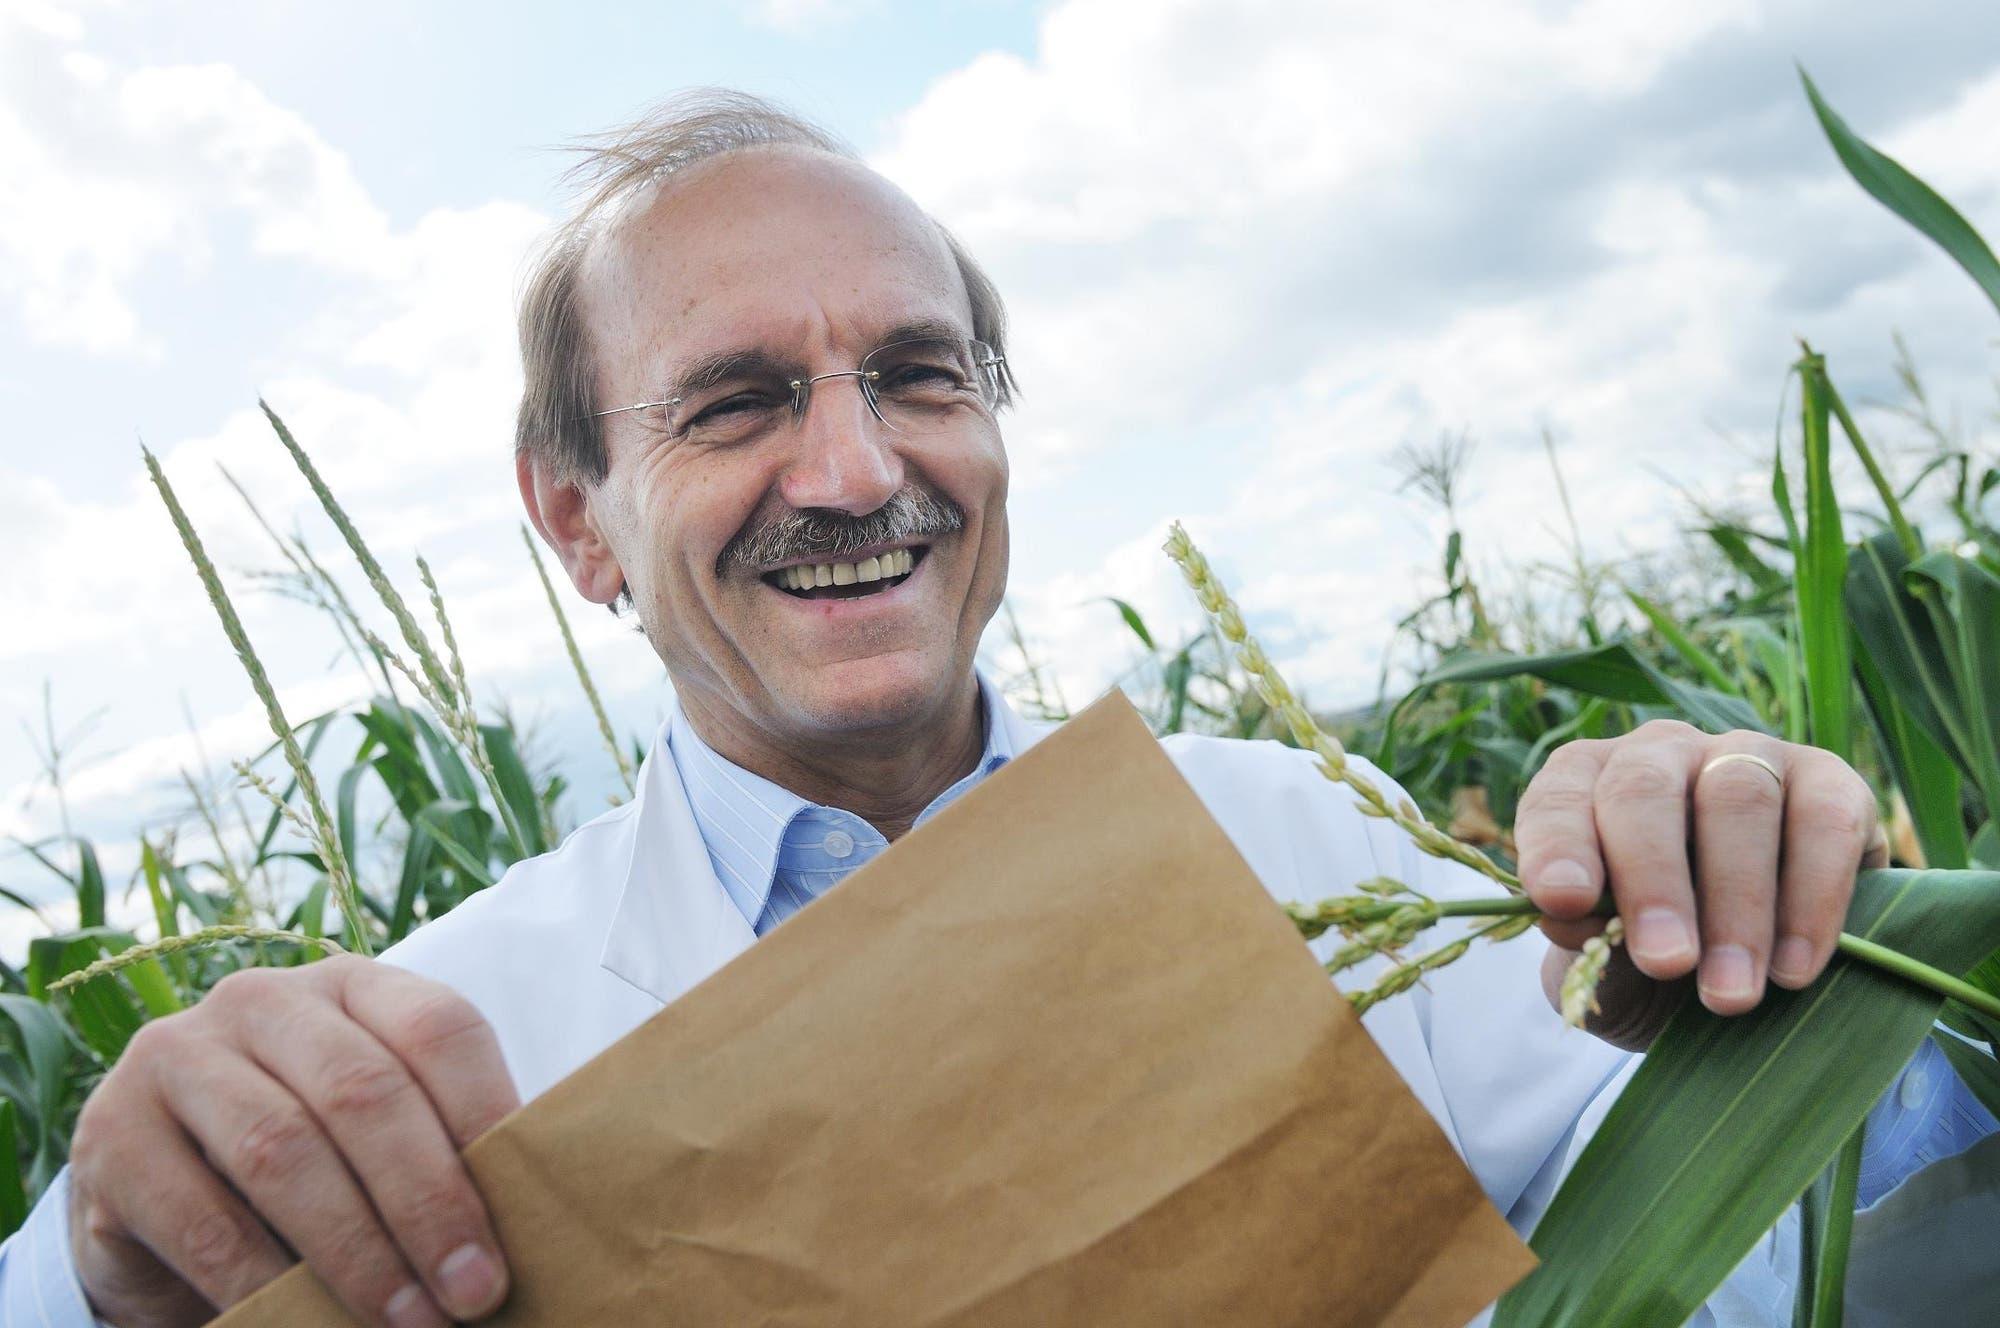 Albrecht Melchinger bestäubt Maisstauden mit sich selbst.  ...